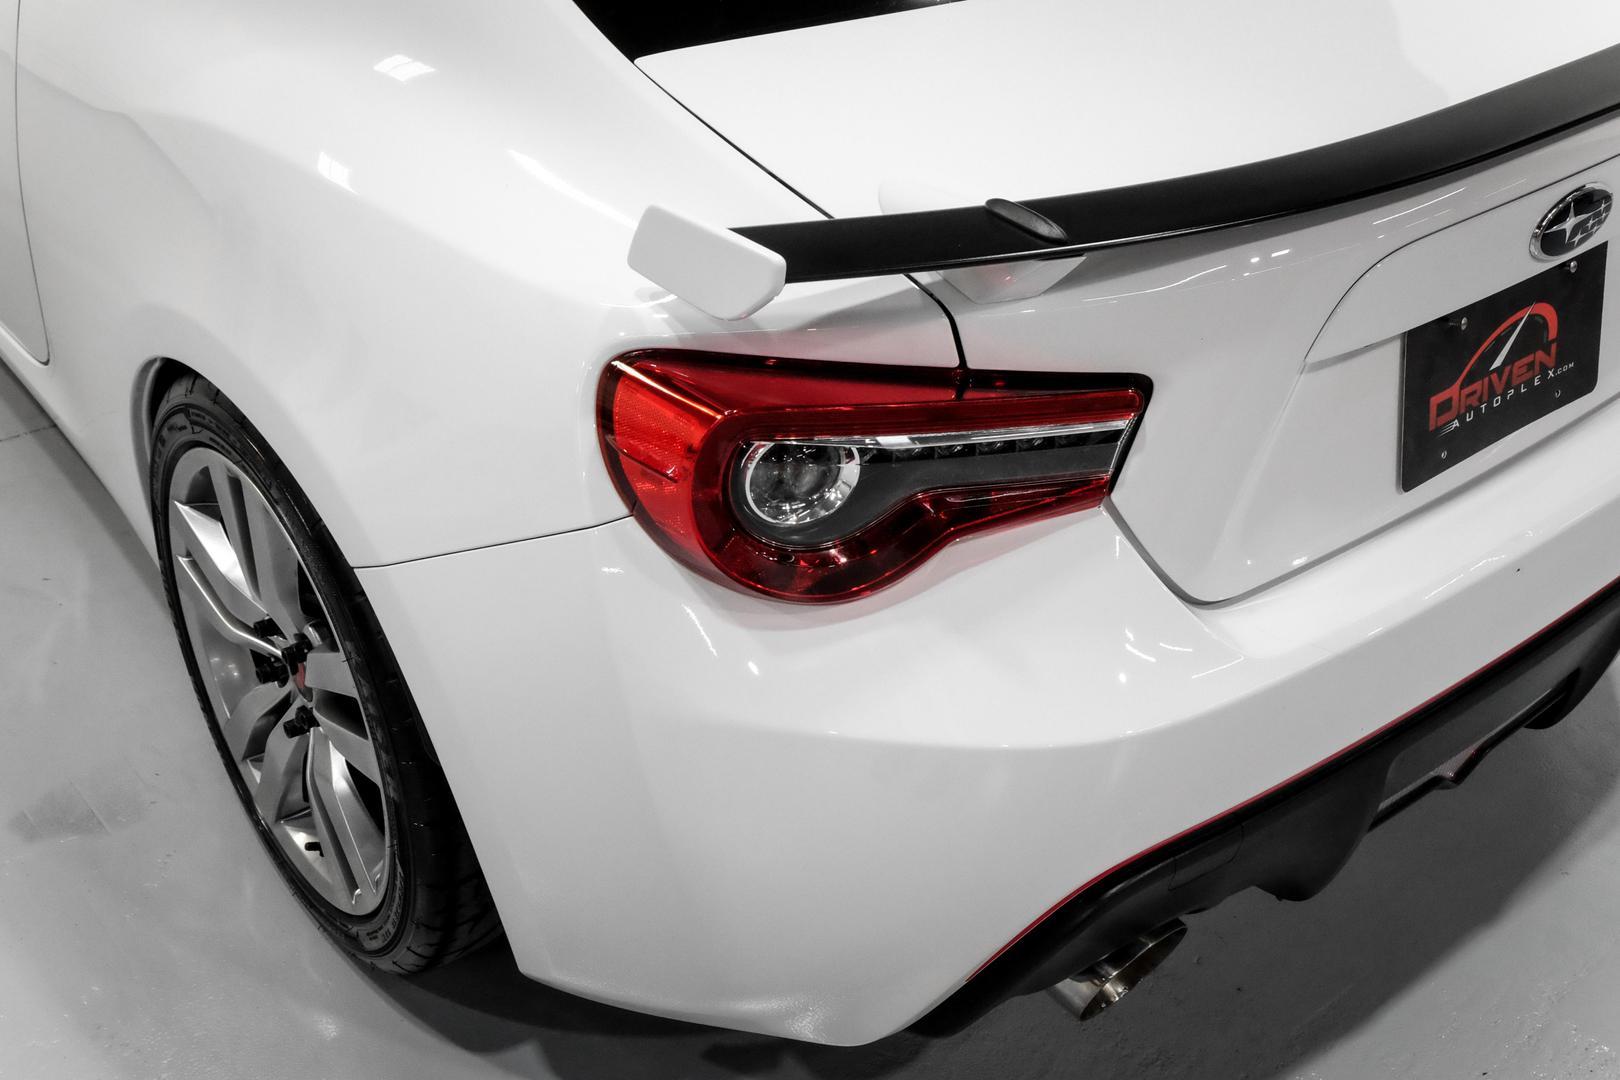 USED SUBARU BRZ 2020 for sale in Dallas, TX   Driven ...